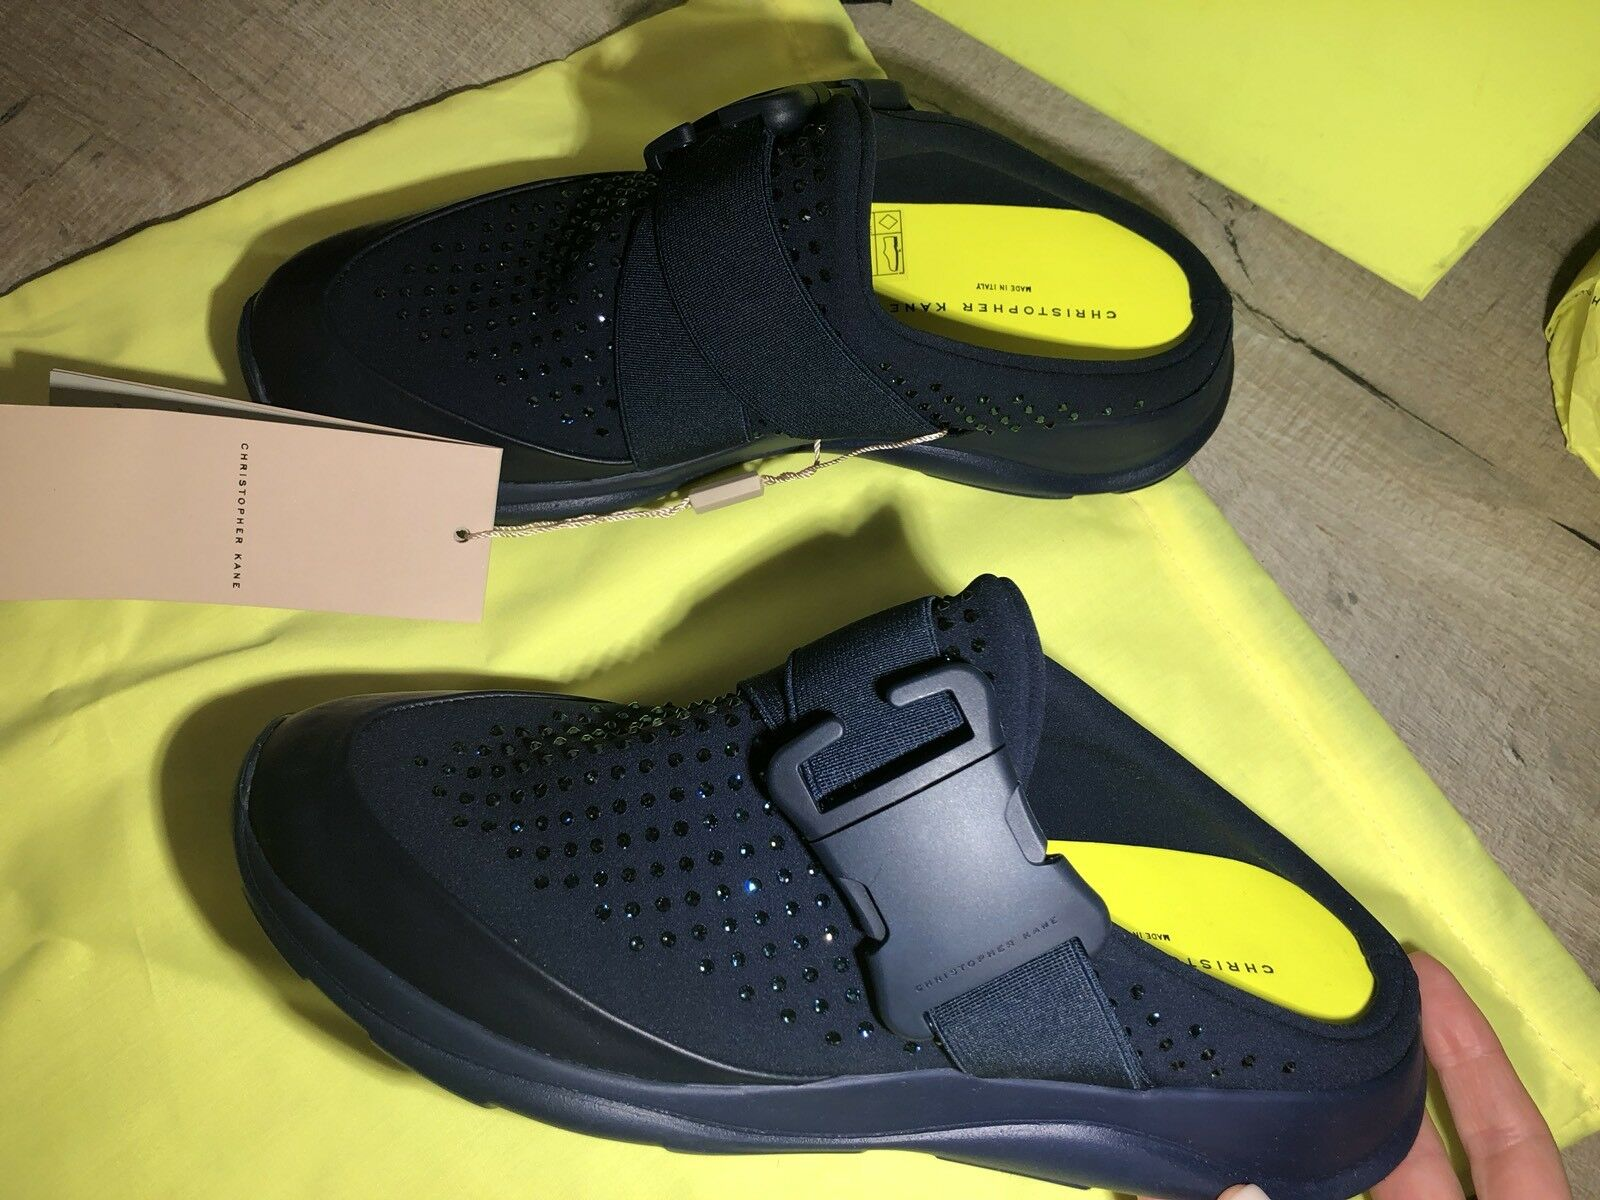 60d074a4bd4c94 Christopher Kane Swarovski Sécurité Boucle Diapositive Baskets Chaussures  Taille 38 38 38 (37.5) NEUF   Des Produits De Qualité,2019 New ee462c